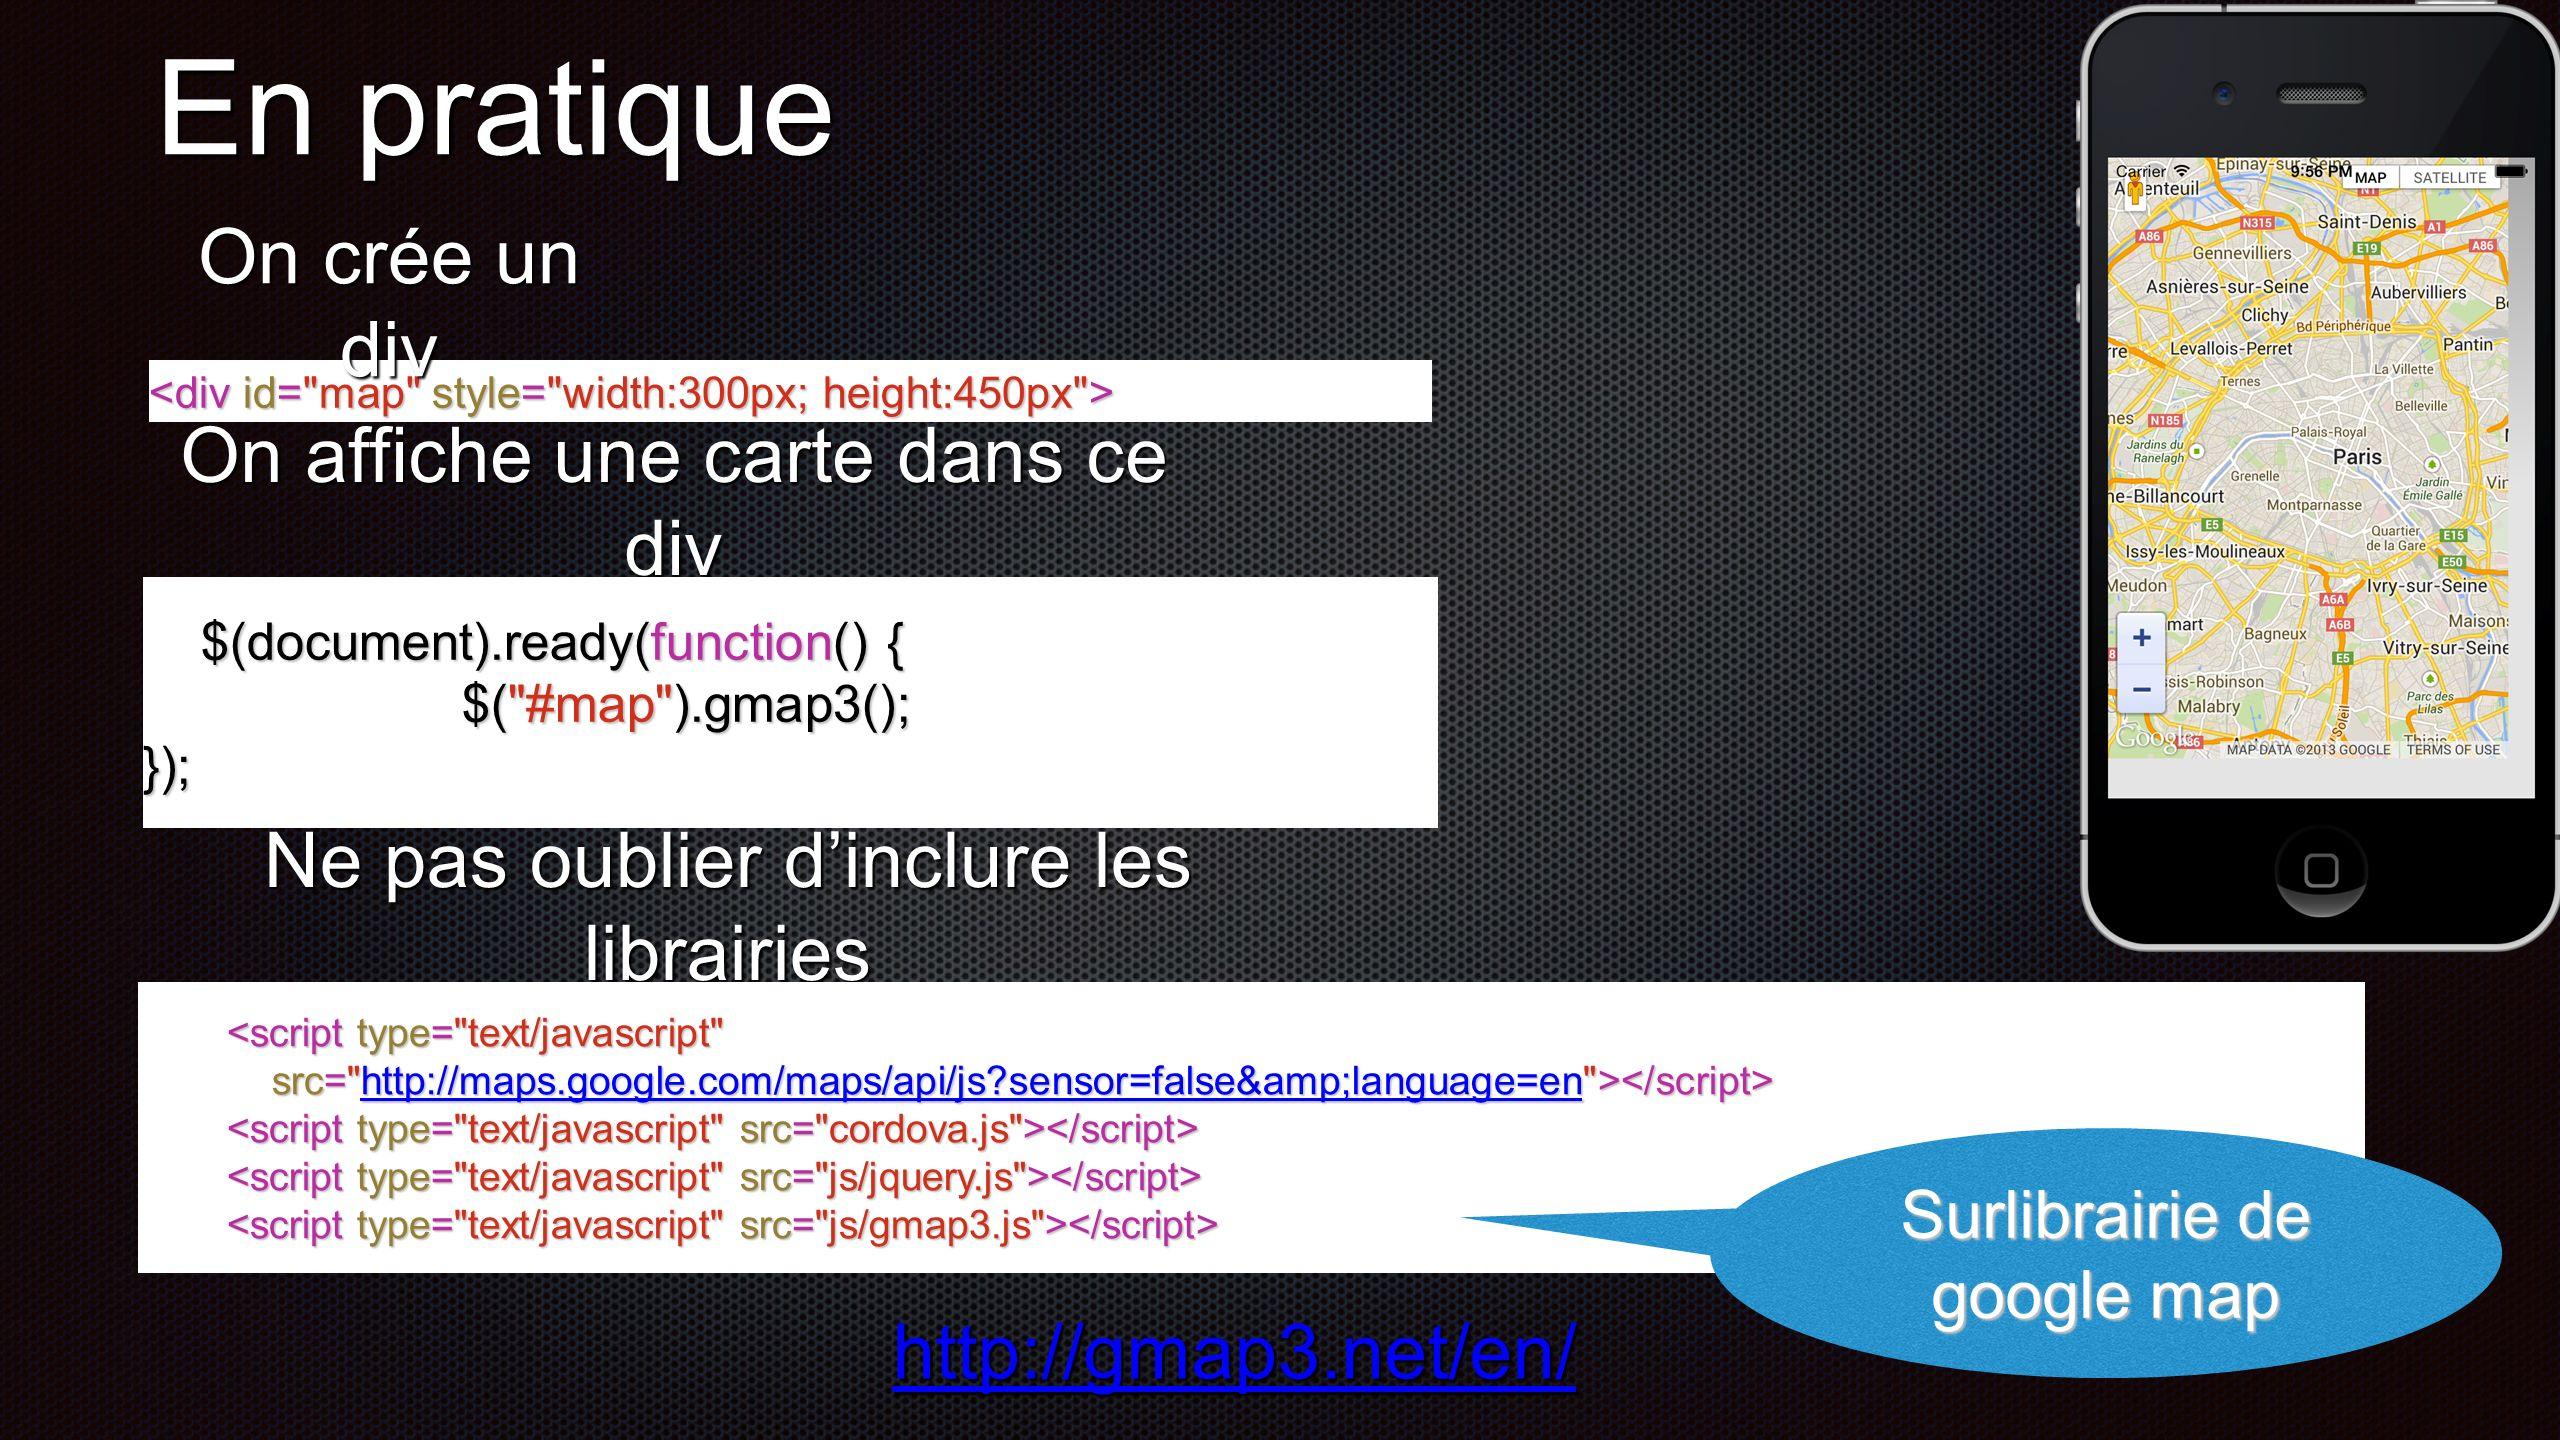 Centrage sur la France (45,0) $( #map ).gmap3({ map:{ map:{ options:{ options:{ center: [45, 0], center: [45, 0], zoom: 12 zoom: 12 } }}); }});